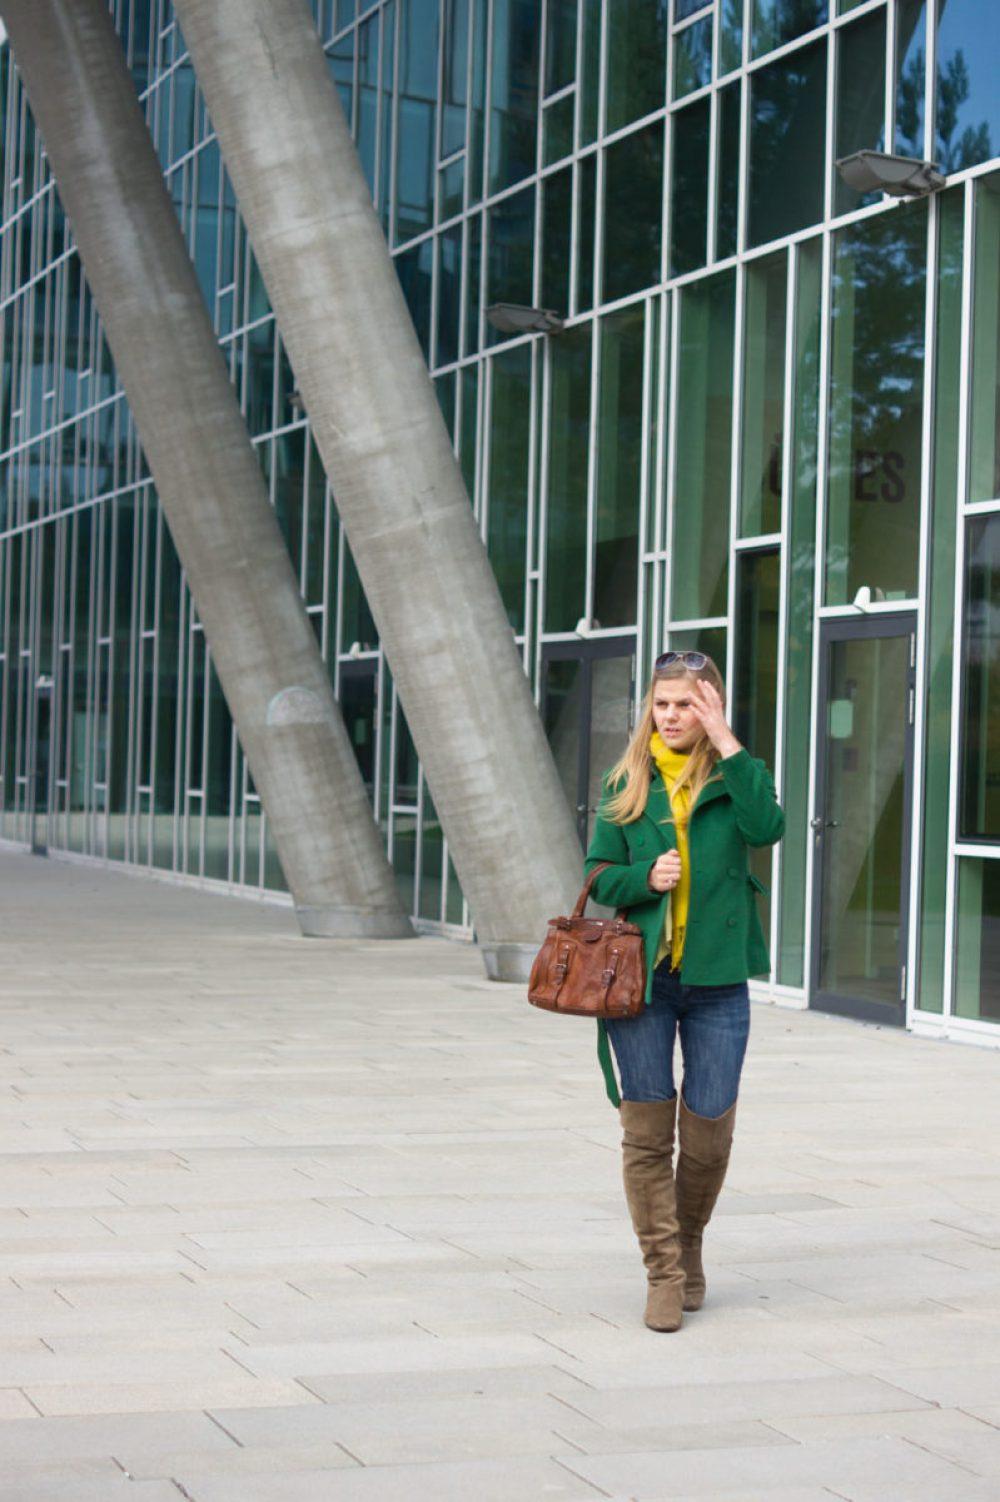 yellowgirl_kurzer-trenchcoat-ck-jenas-miumiu-tasche-gelber-schal_2